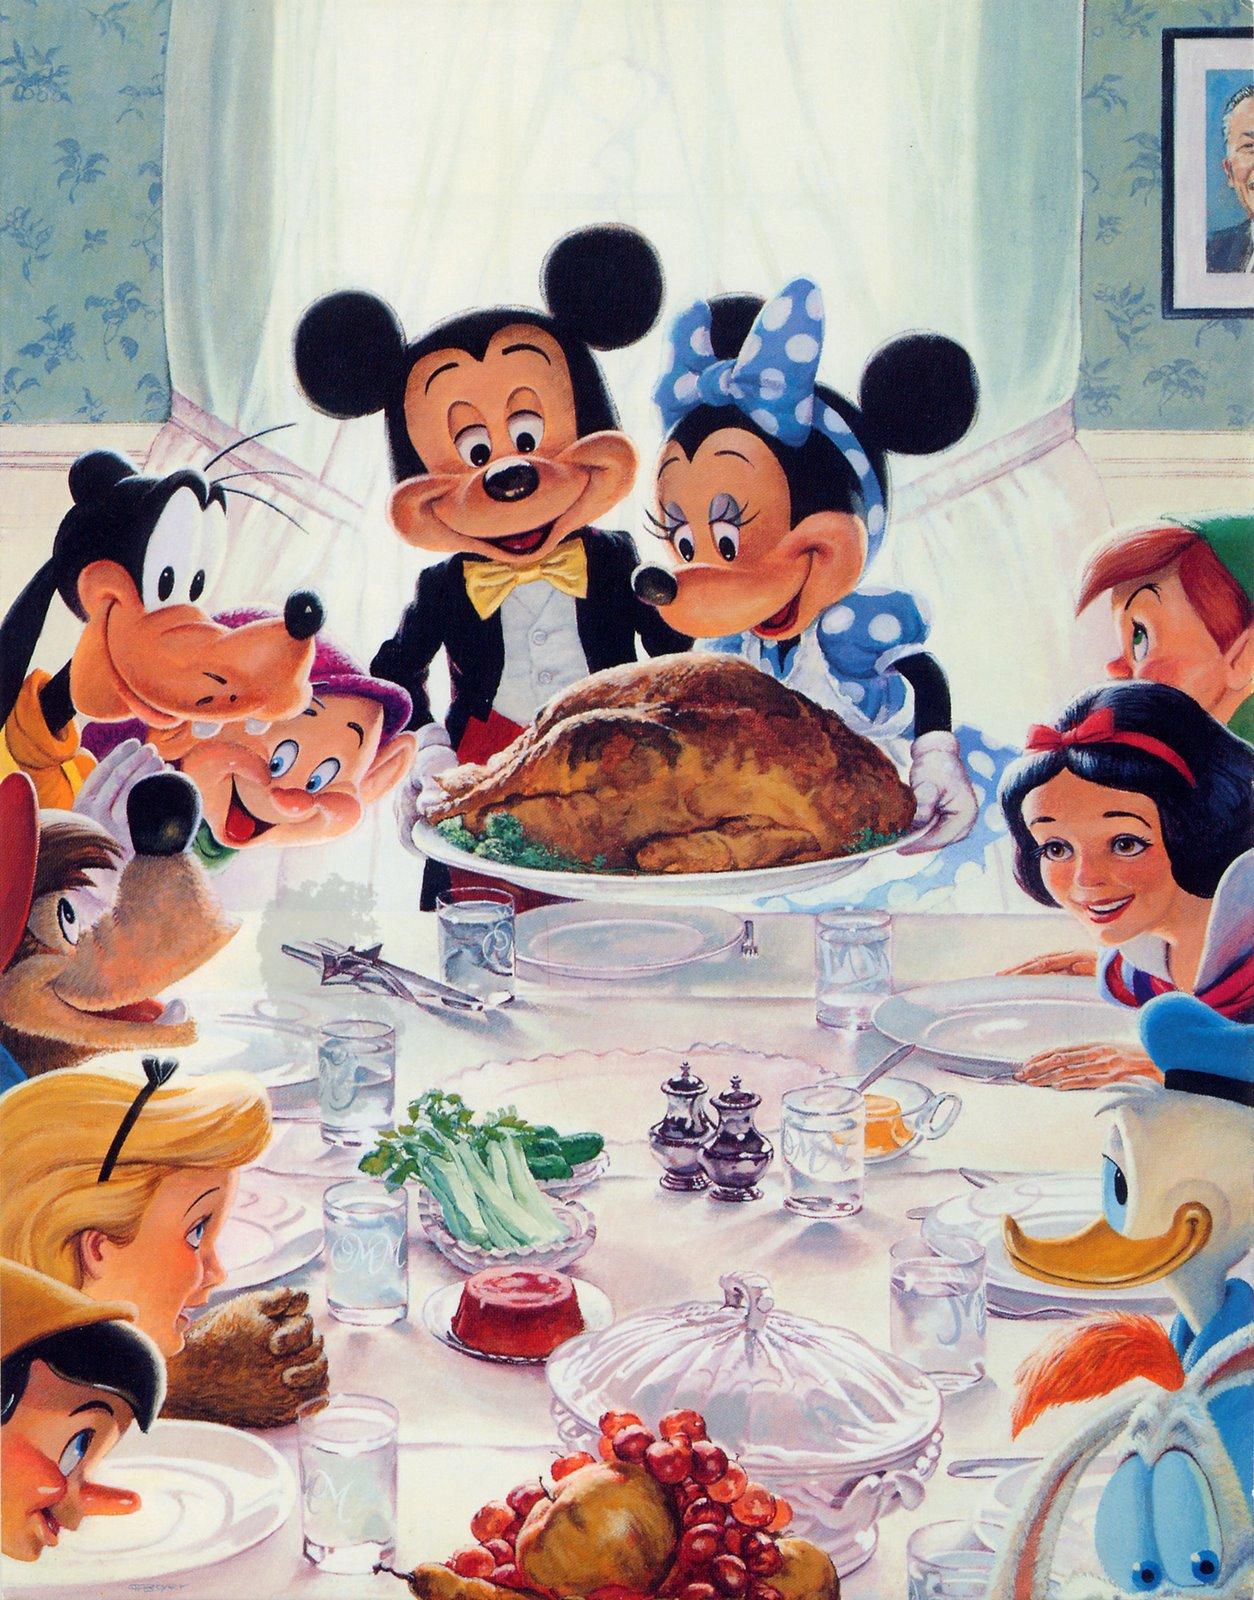 Disney Avenue: Happy Thanksgiving Everyone